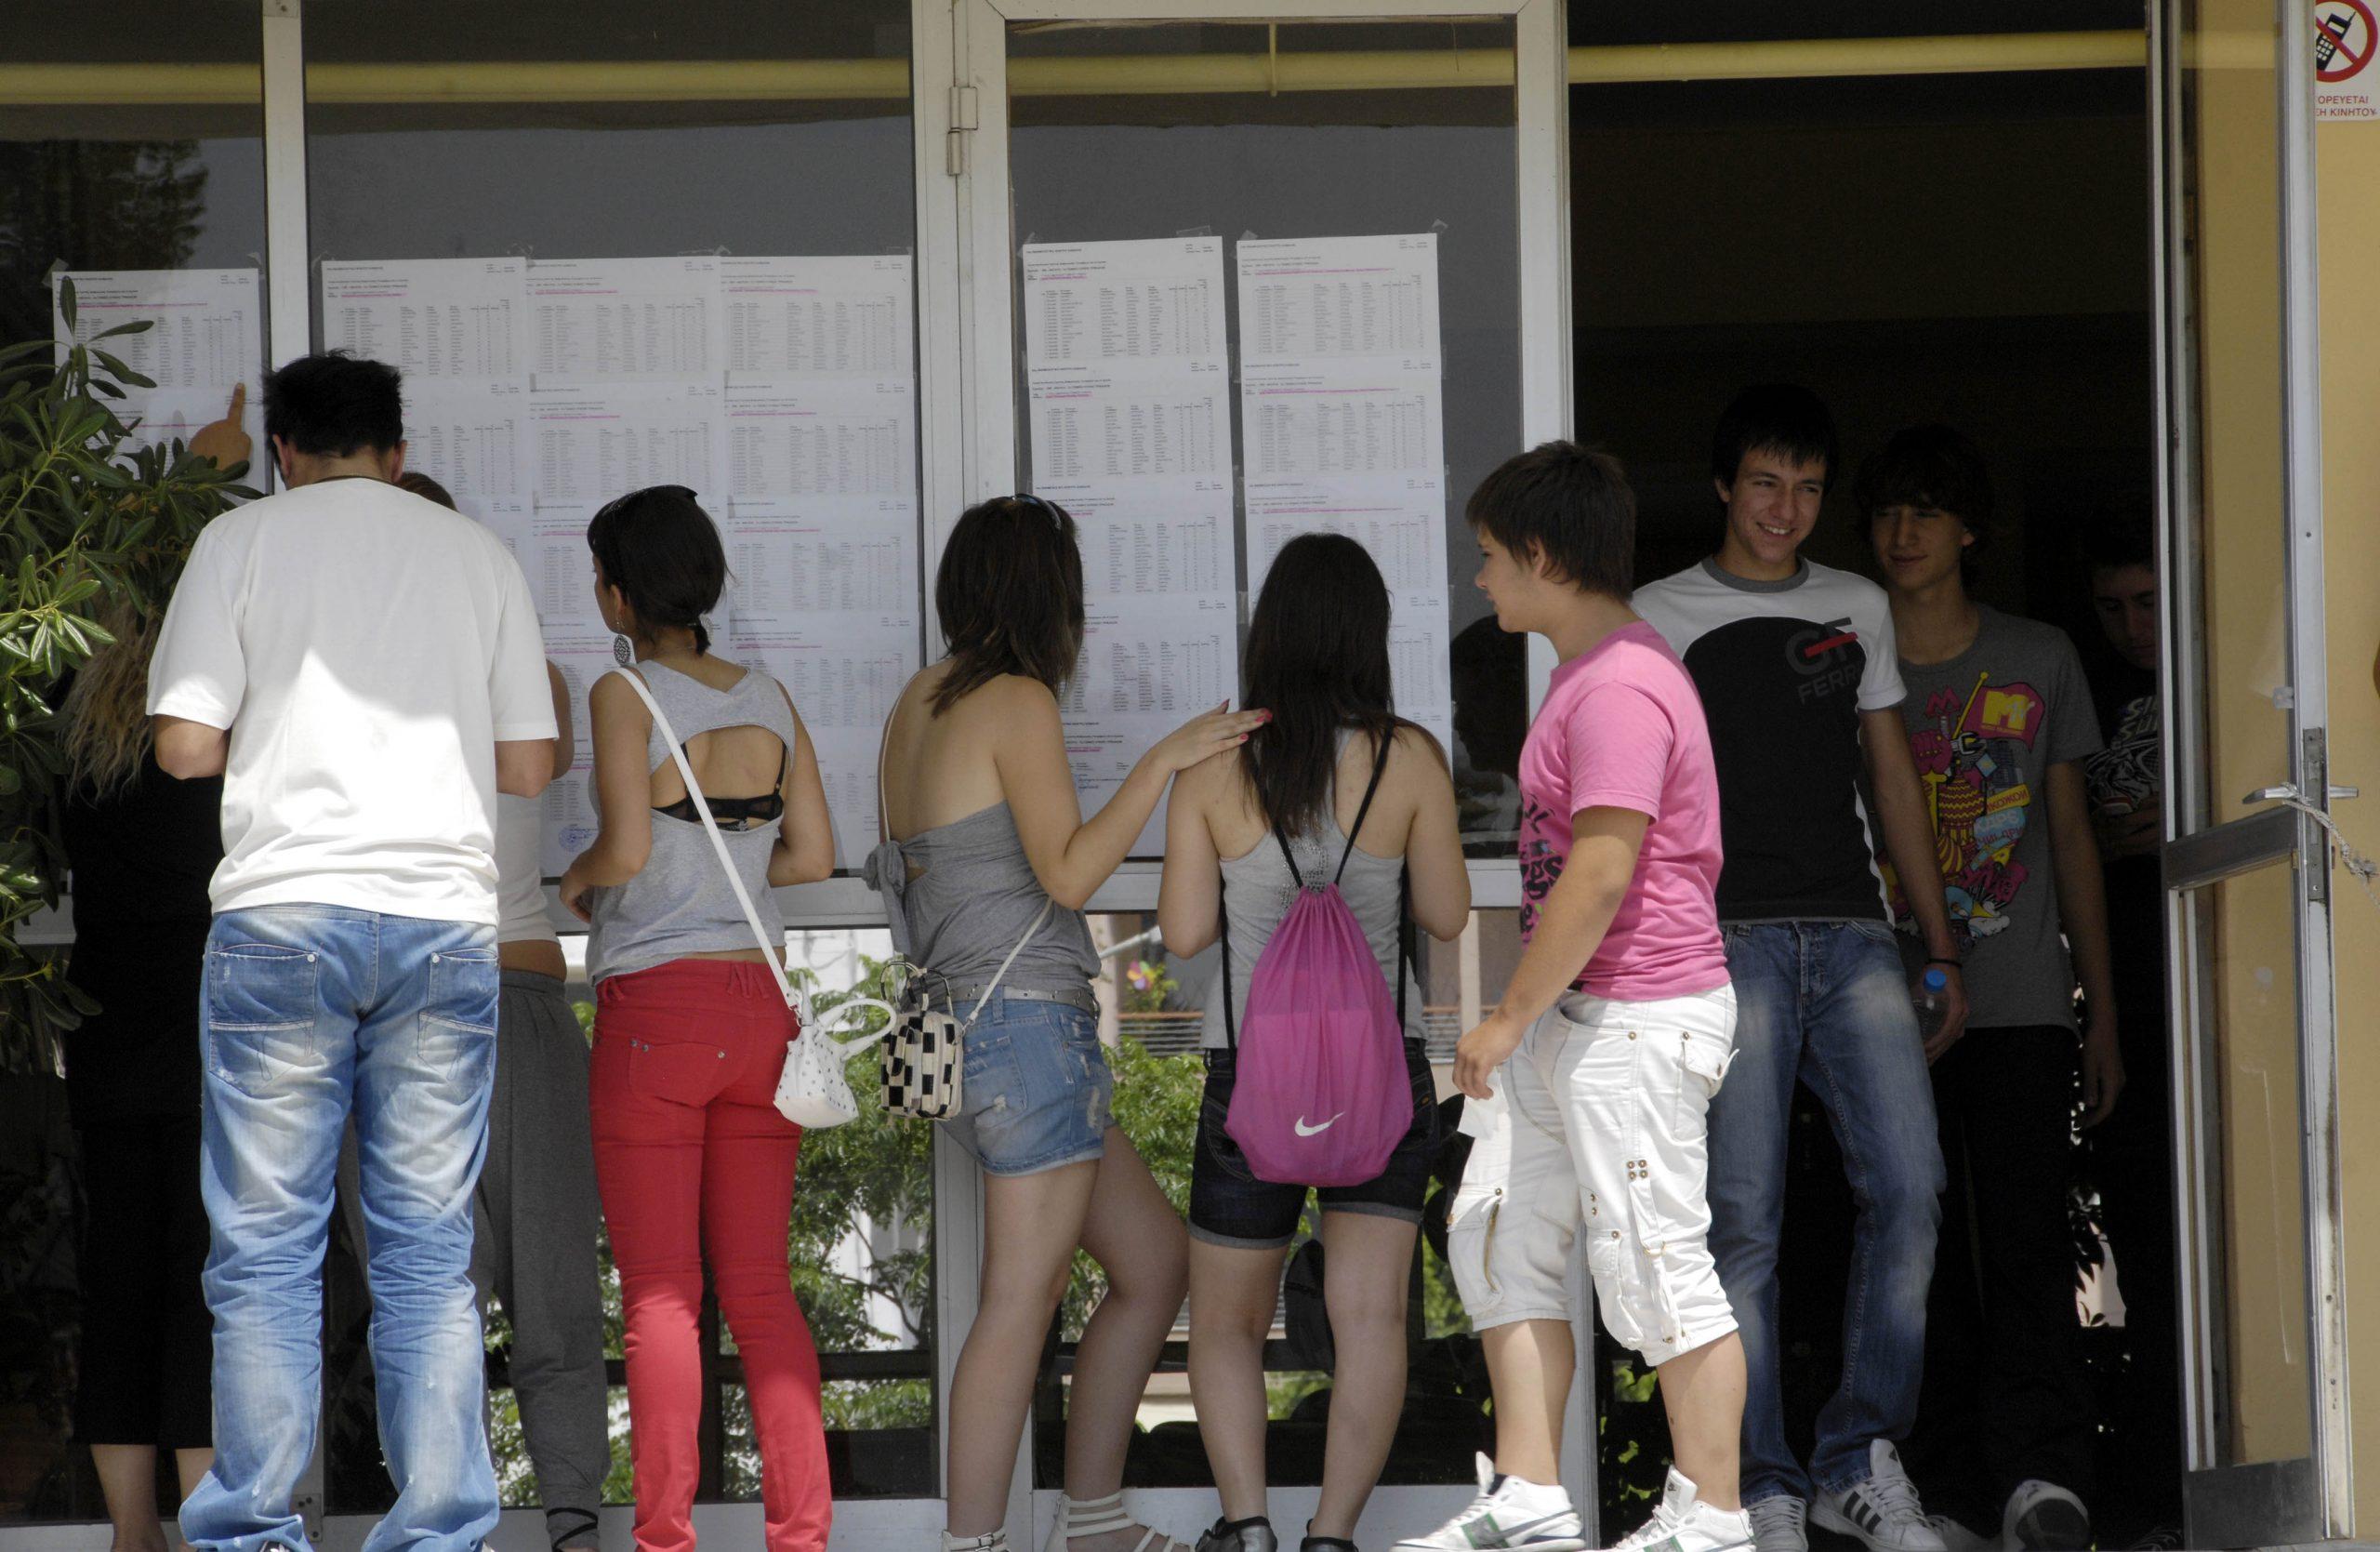 Στη δημοσιότητα έδωσε το υπουργείο Παιδείας τις βαθμολογίες των υποψήφιων σε ΓΕΛ και ΕΠΑΛ στις Πανελλαδικές Εξετάσεις.